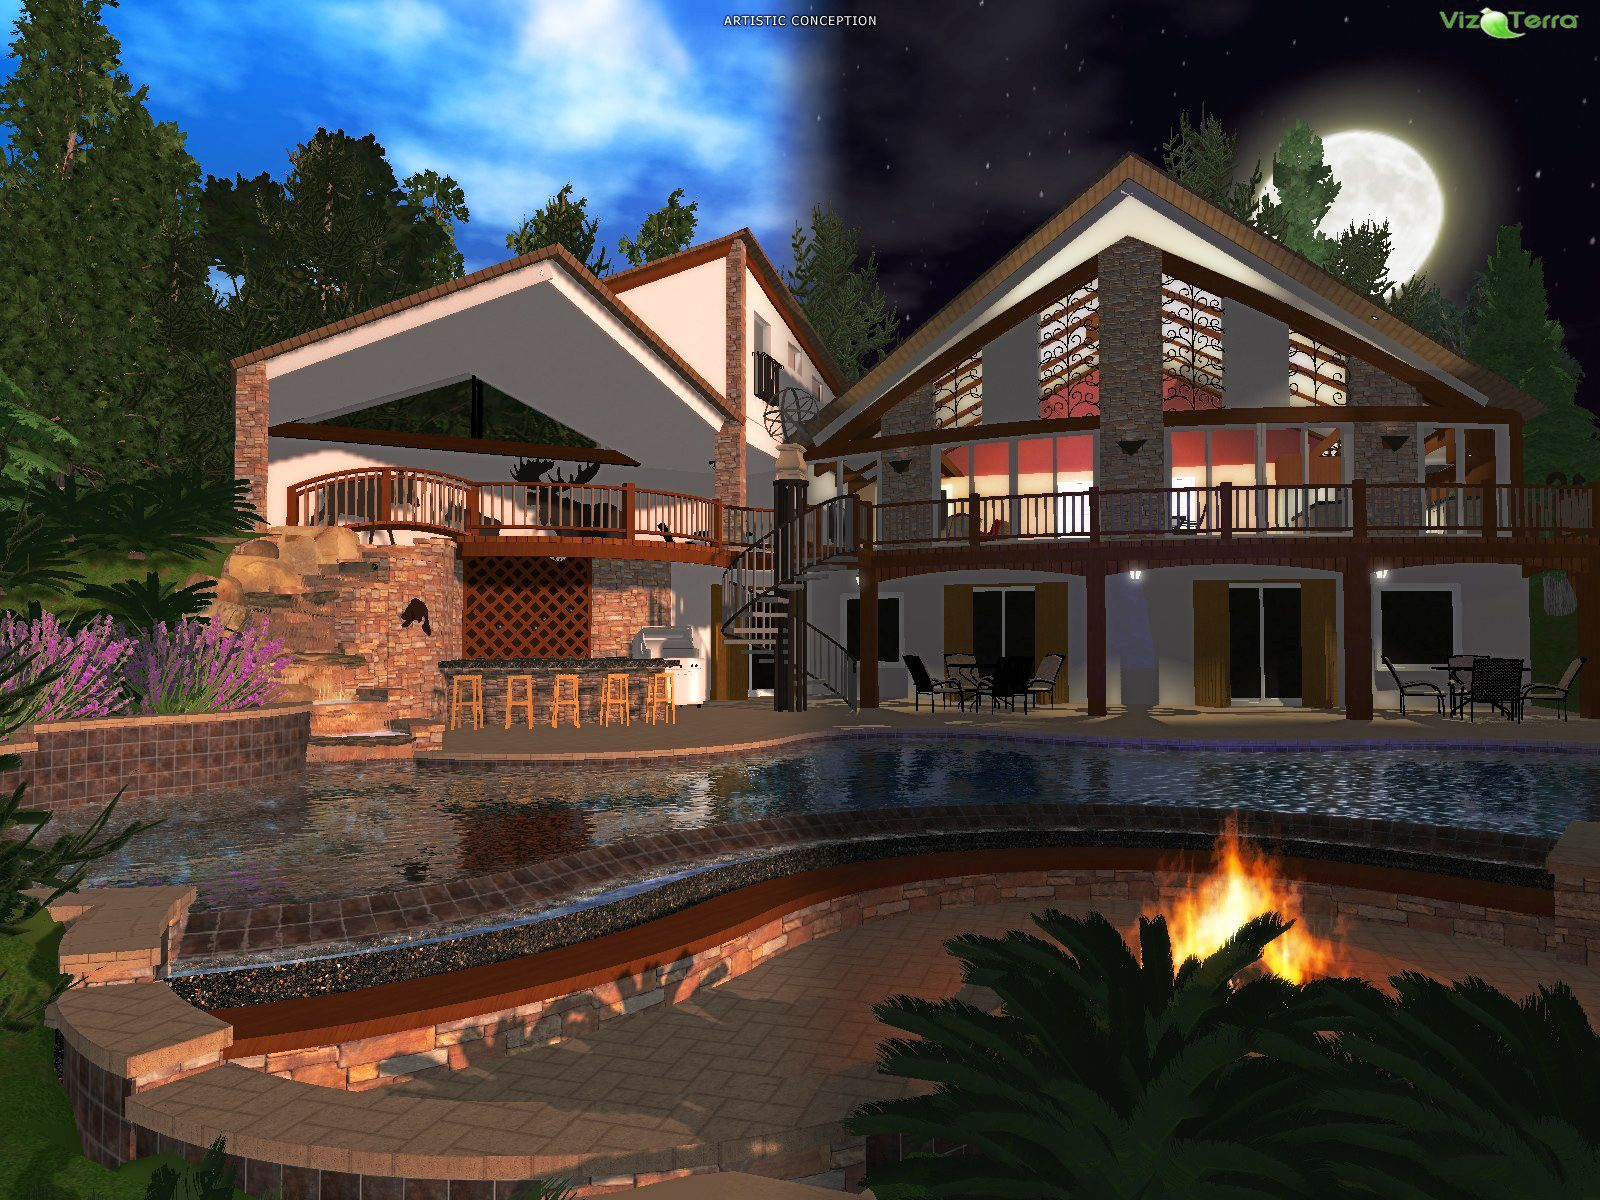 Image Result For Vizterra Landscape Design Software Landscape Design Landscape Design Plans